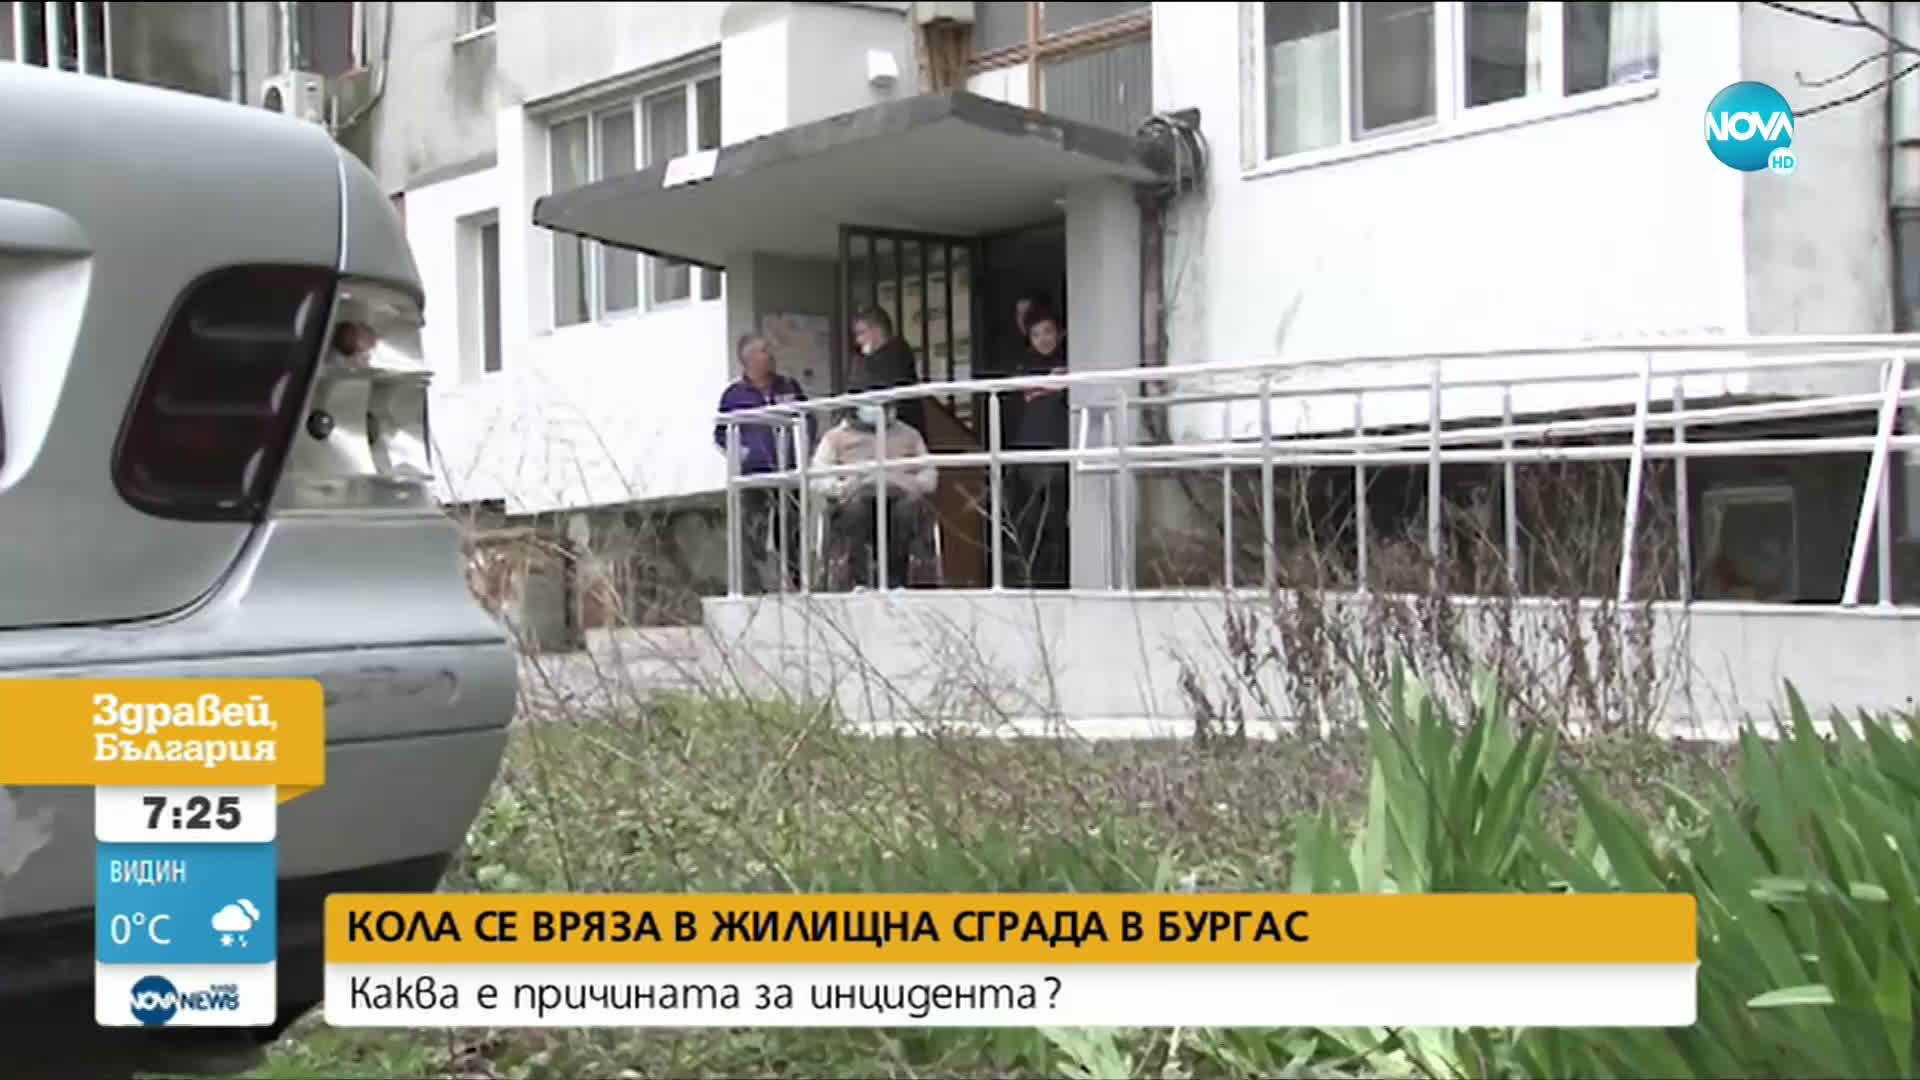 Кола се вряза в жилищен блок в Бургас и повреди рампа за инвалиди